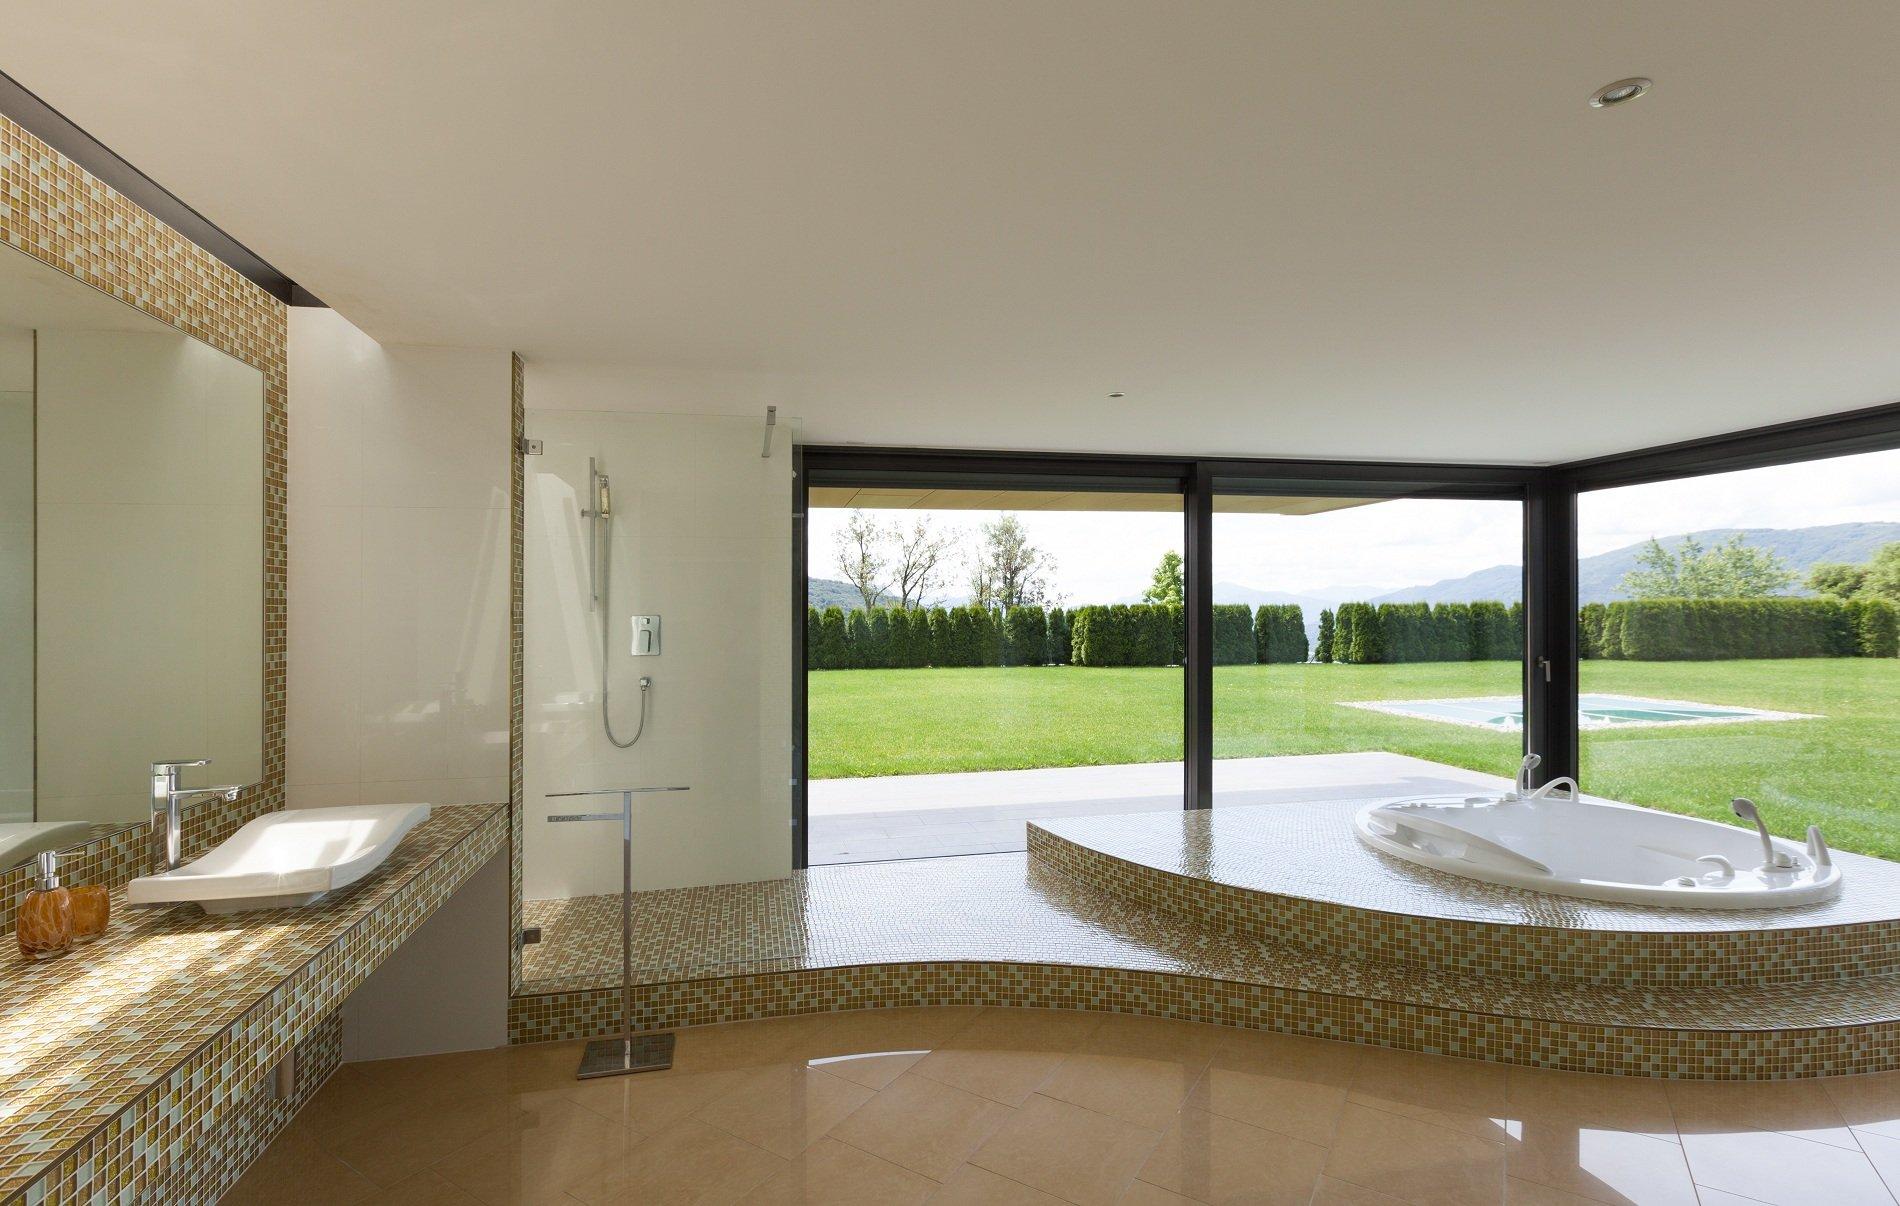 Bagno con pavimento in marmo e pareti,lavabo,zona doccia e vasca con rivestimento in piastrelle di porcellana di colore marrone e bianco